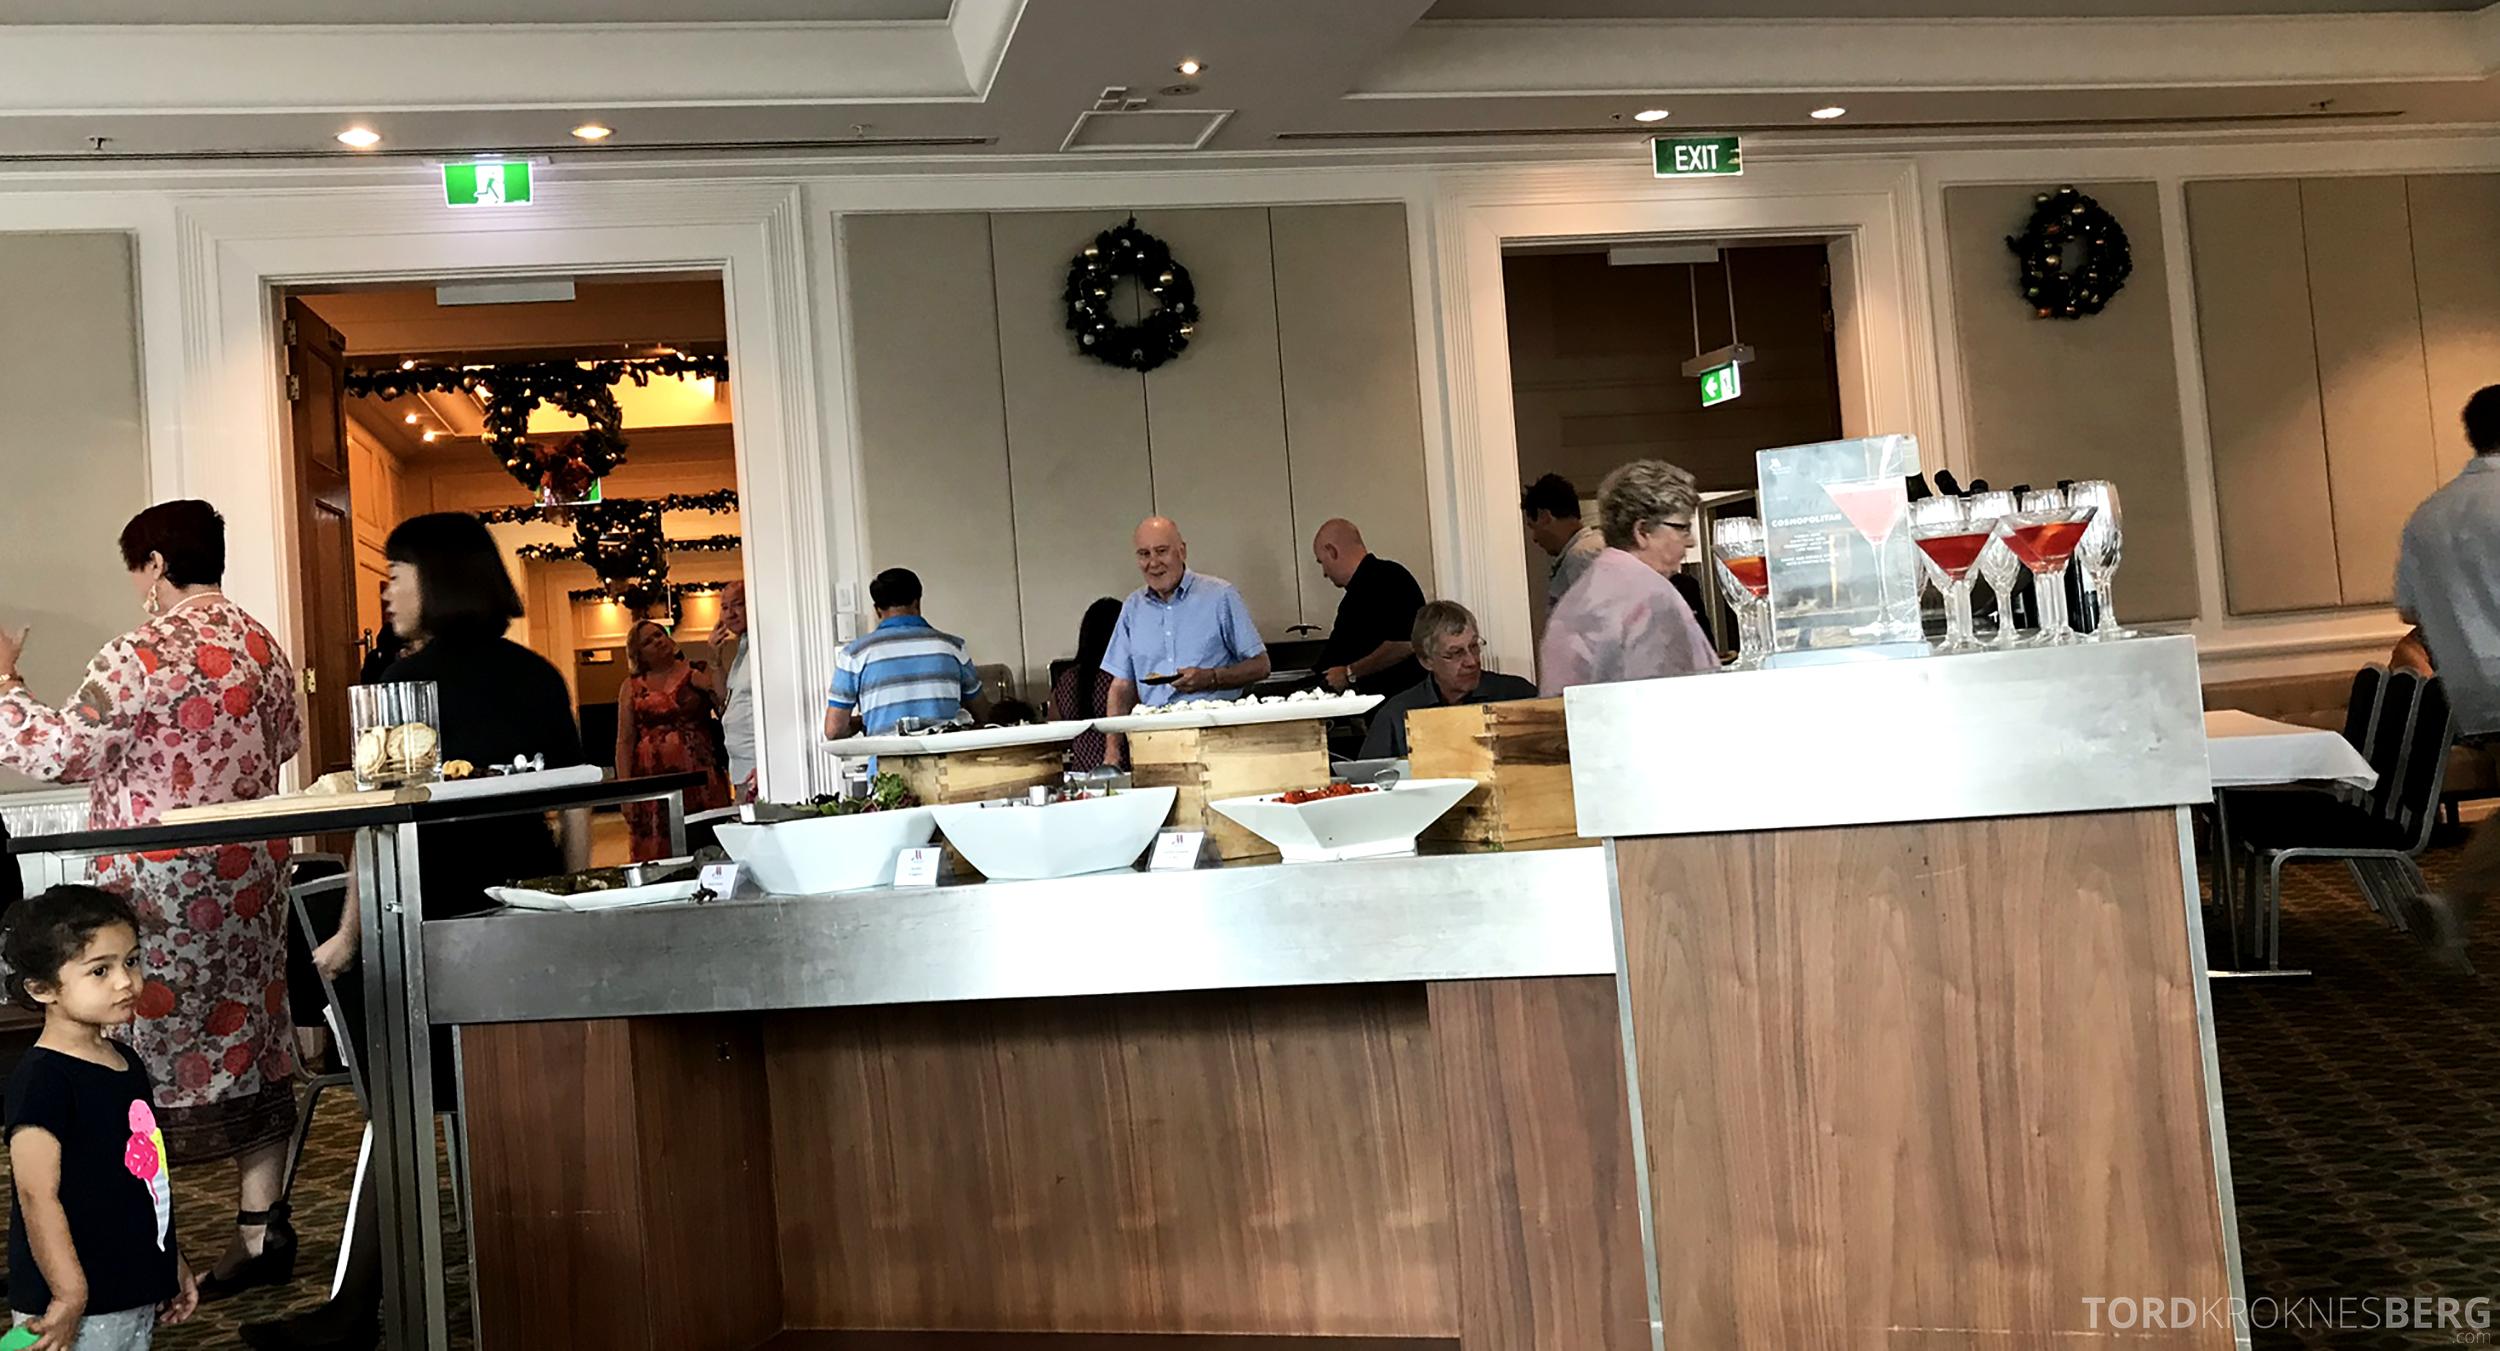 Brisbane Marriott Hotel Executive Lounge buffet ballrom